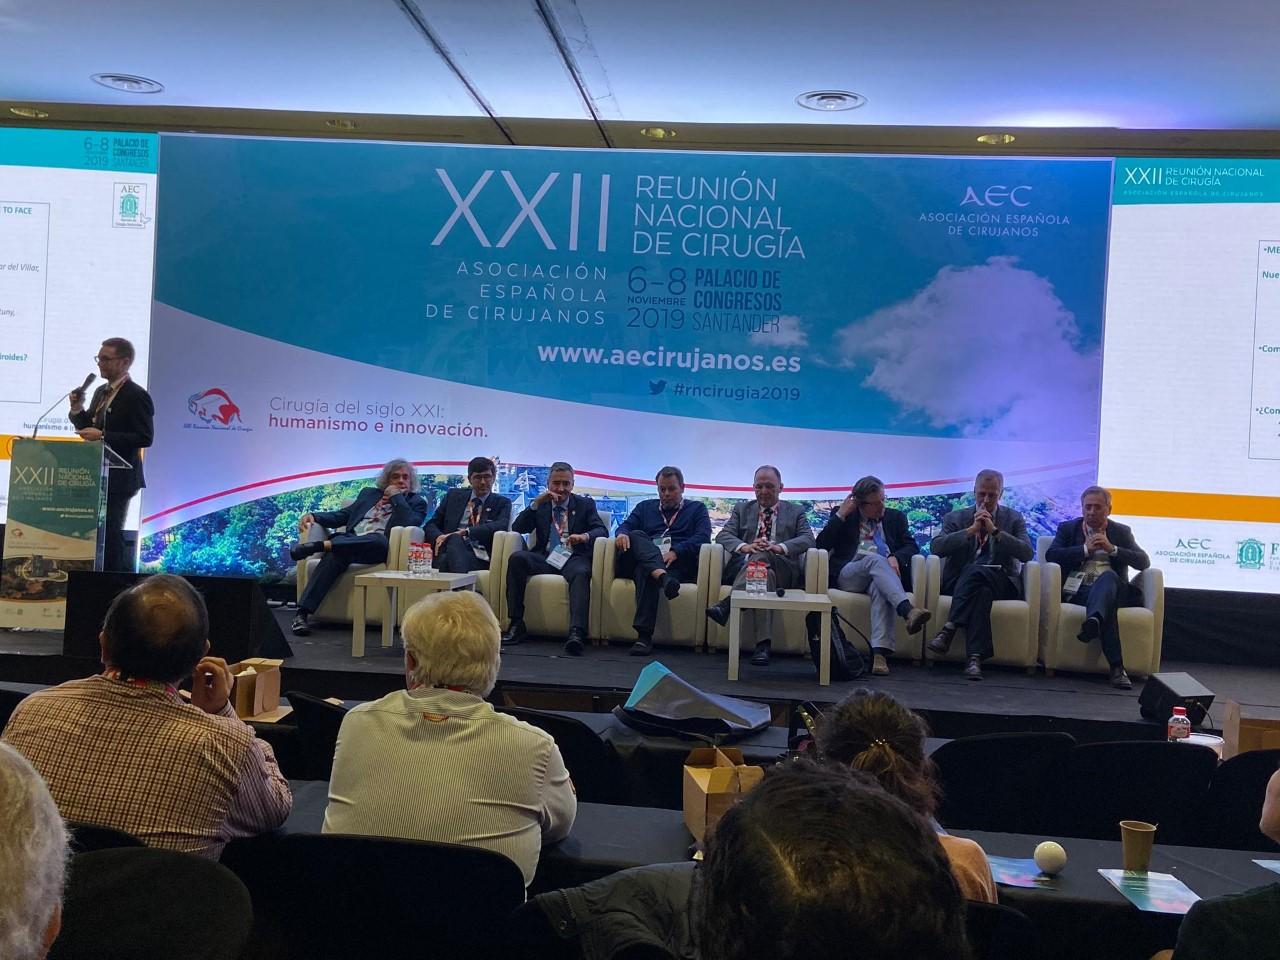 XXII Reunión Nacional de Cirugía (Santander).